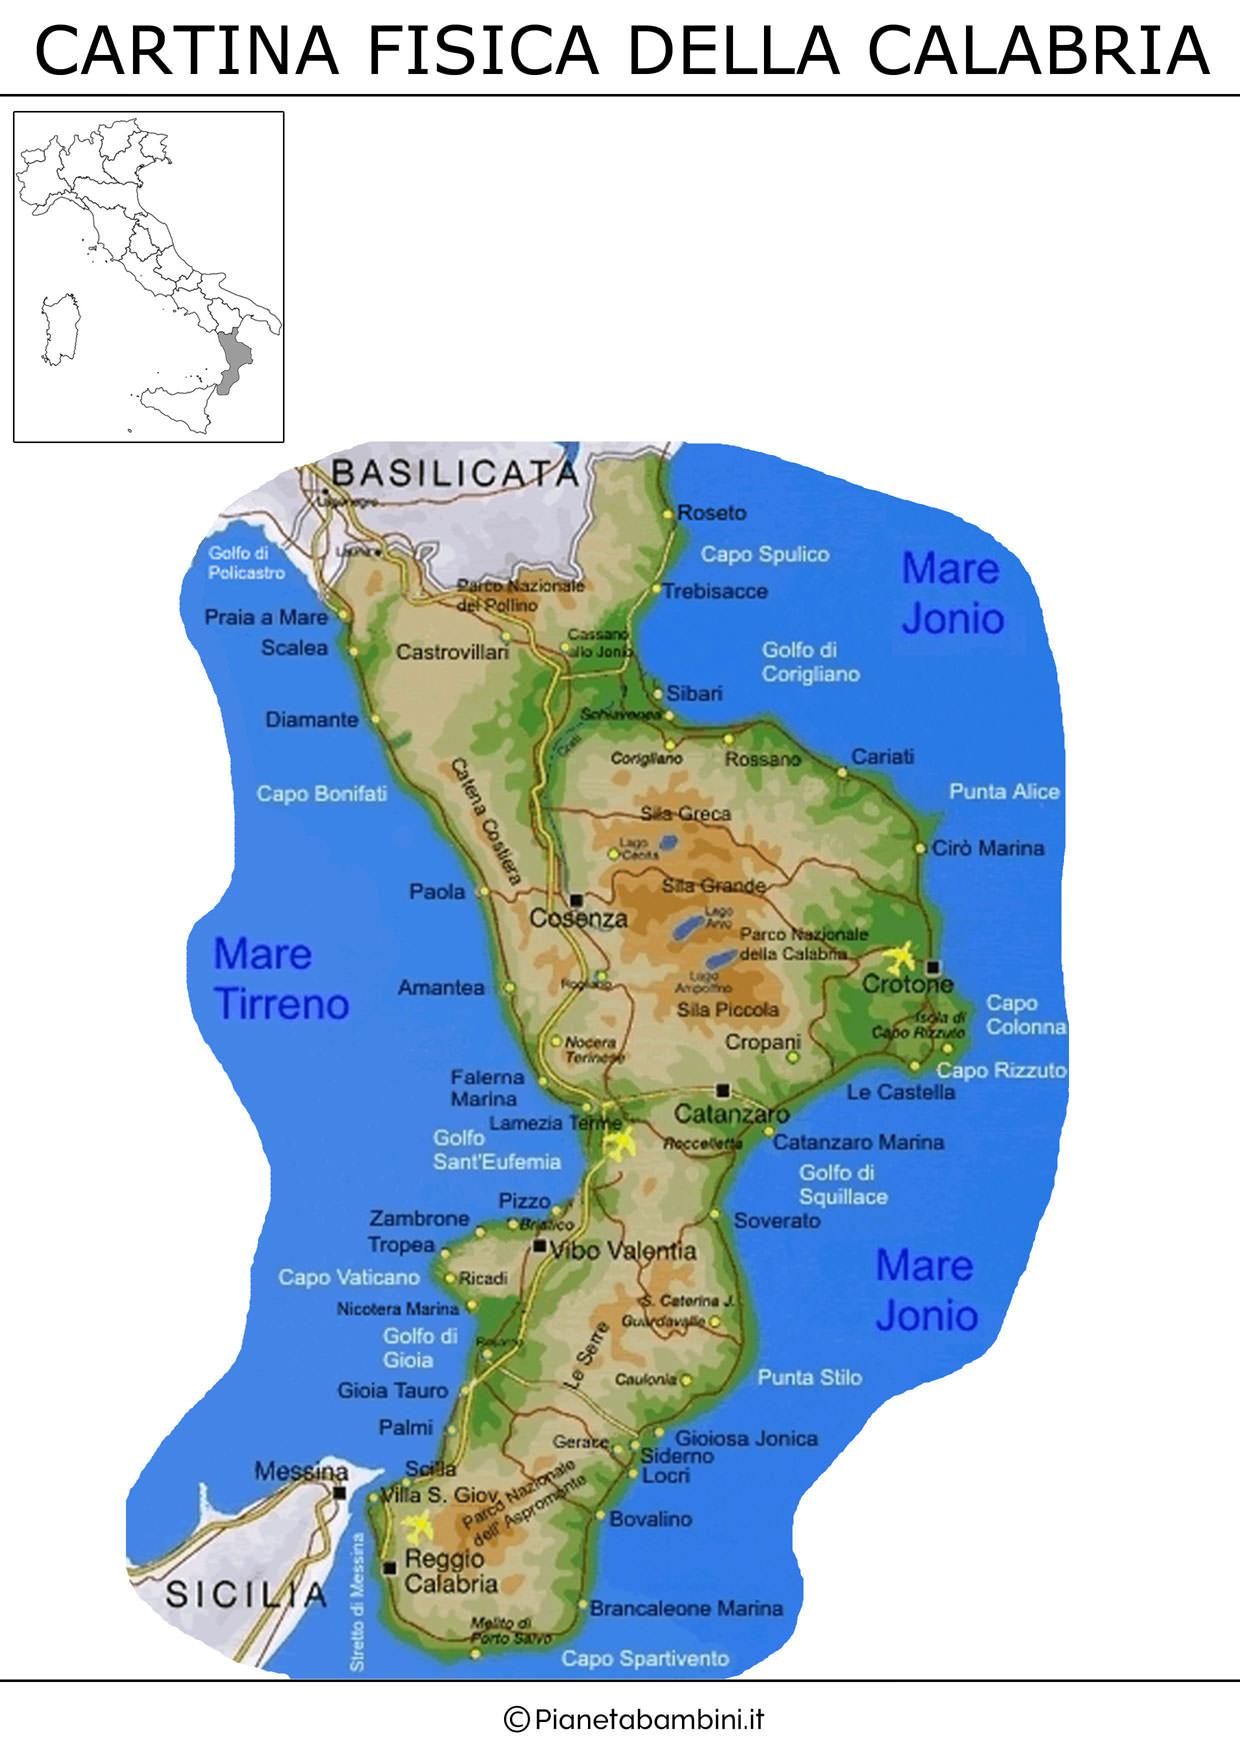 Cartina fisica della Calabria da stampare gratis